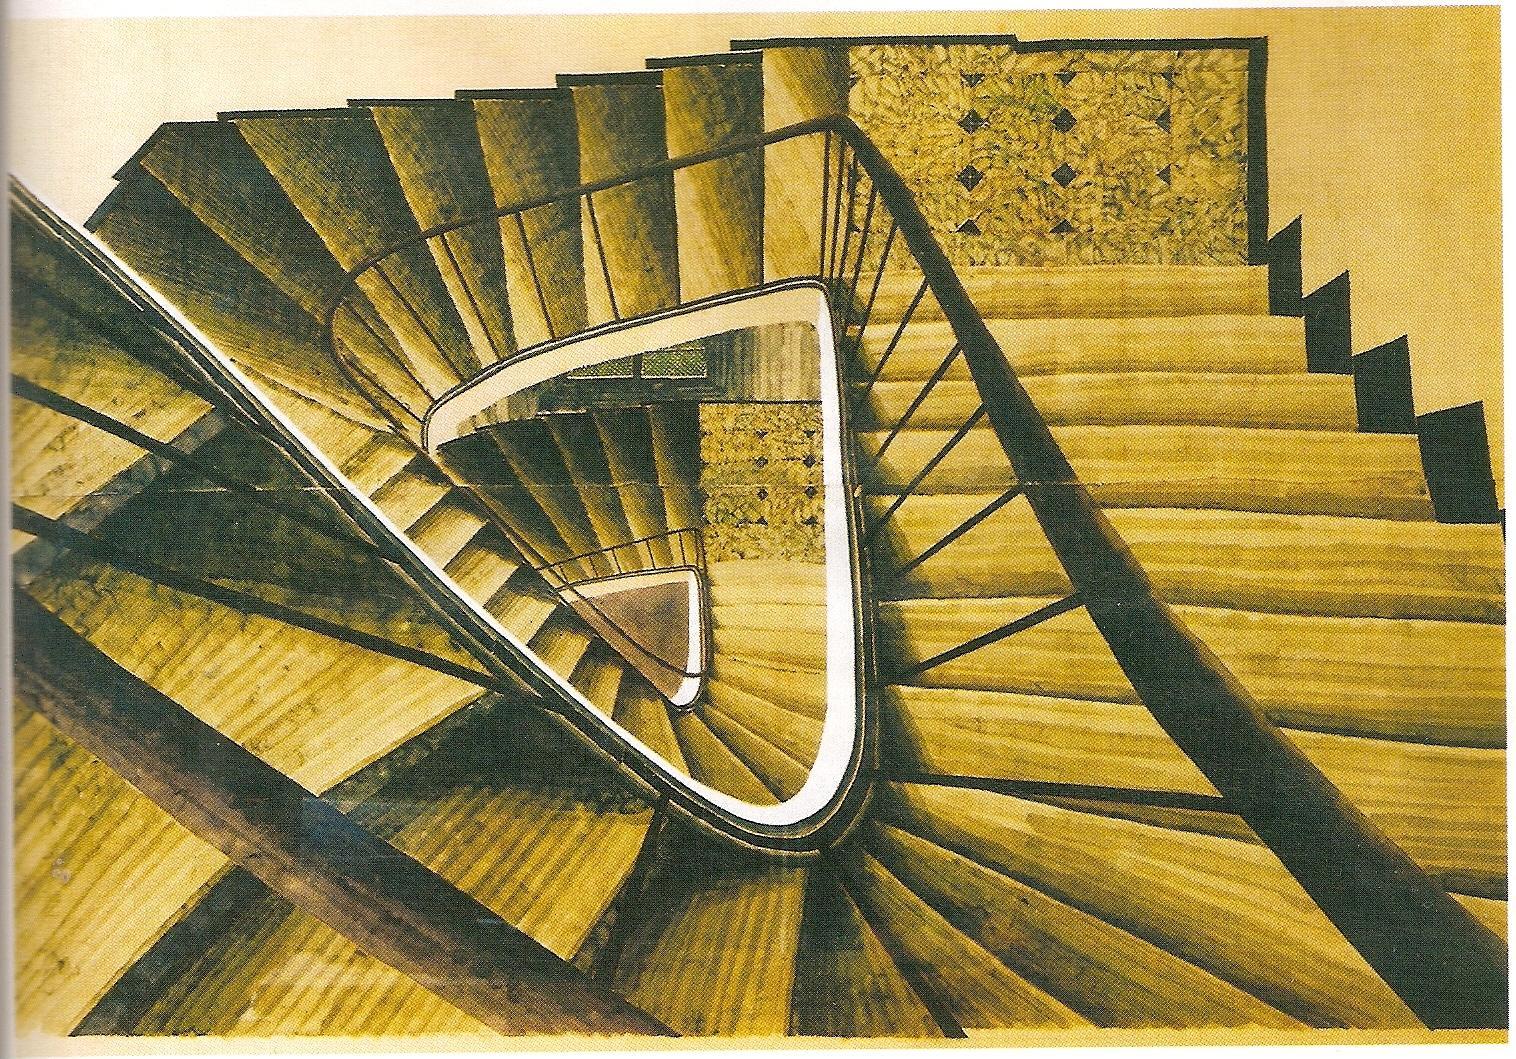 sam-szafran-escalier-variation-i.1248969339.jpg